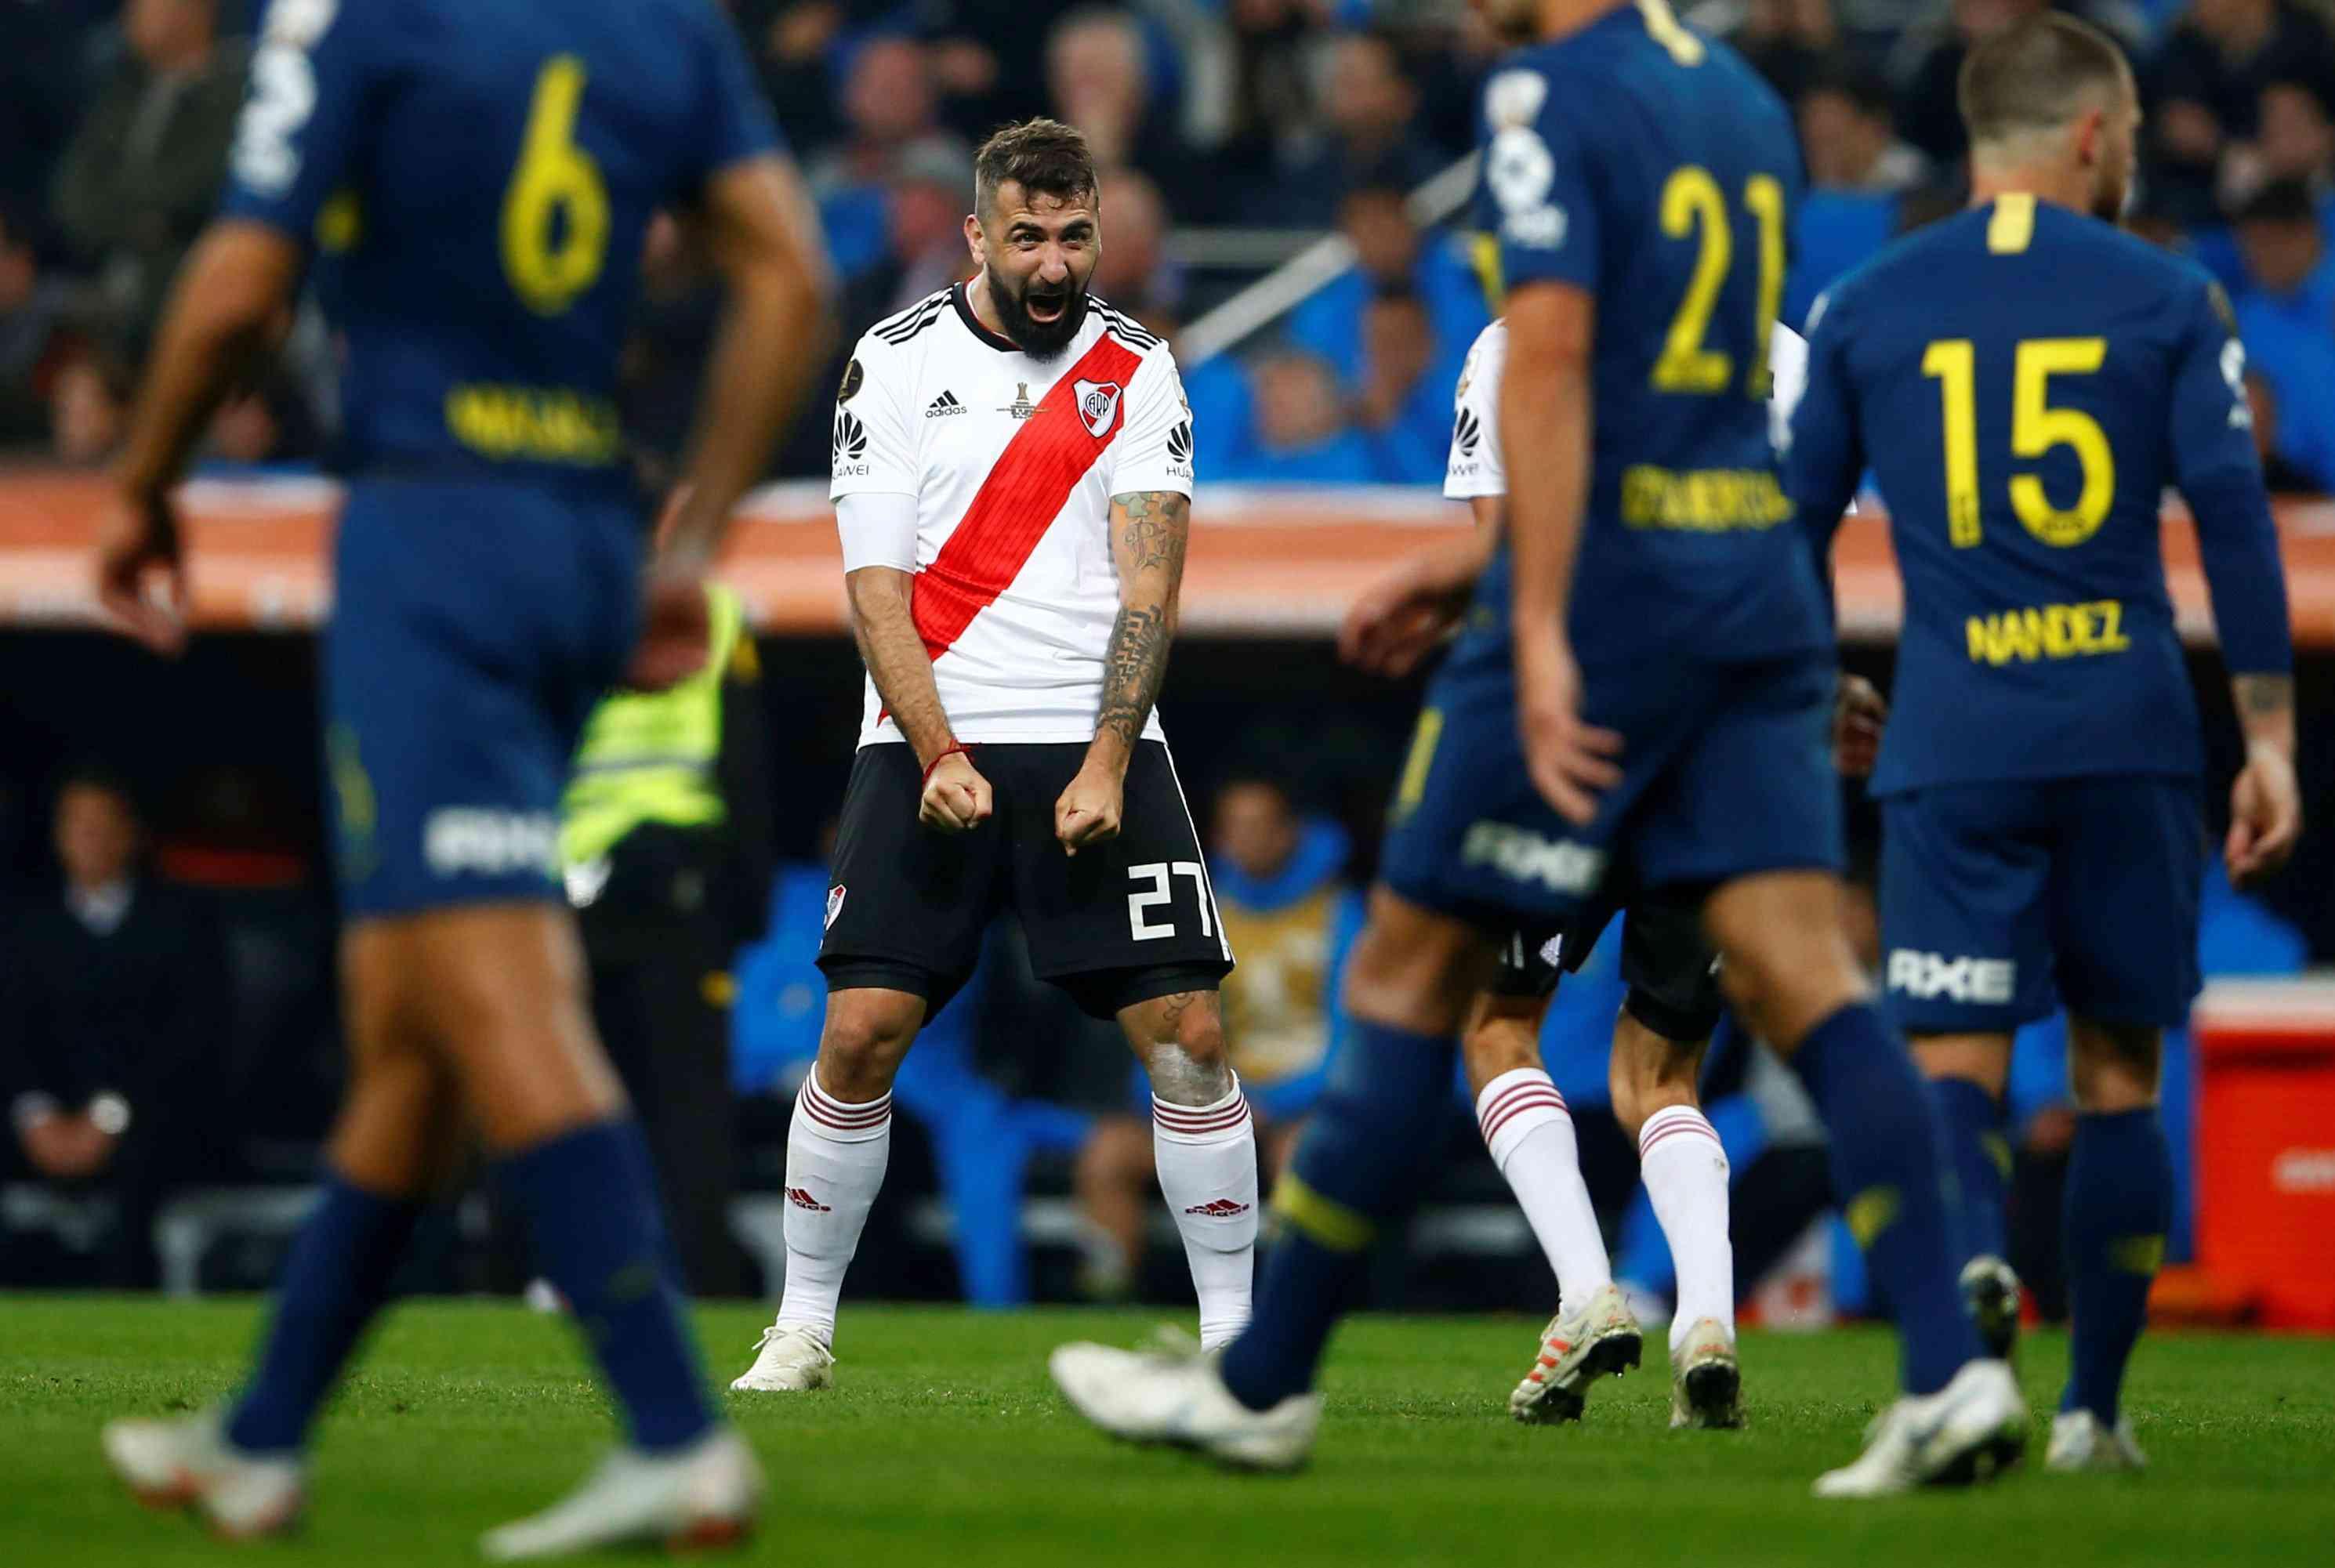 598f46f3822 Scooper - Football News  River 3 Boca 1 (Agg 5-3) Quintero scores ...